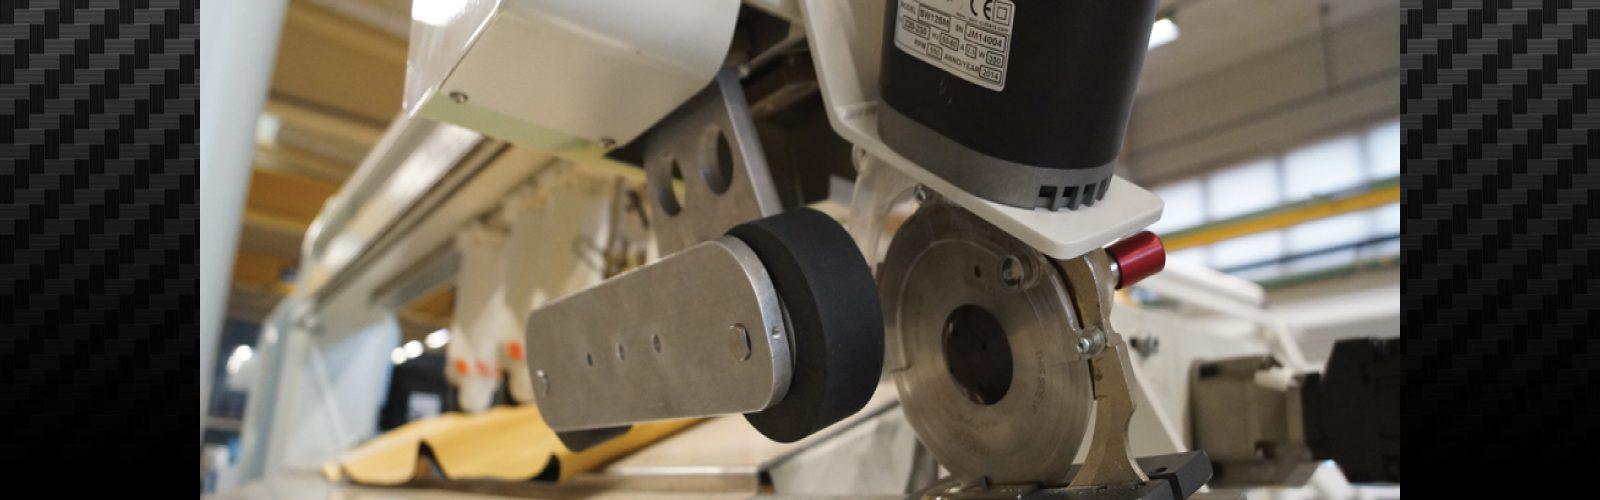 連続運転可能な取付型から手持ち式電動カッターまで